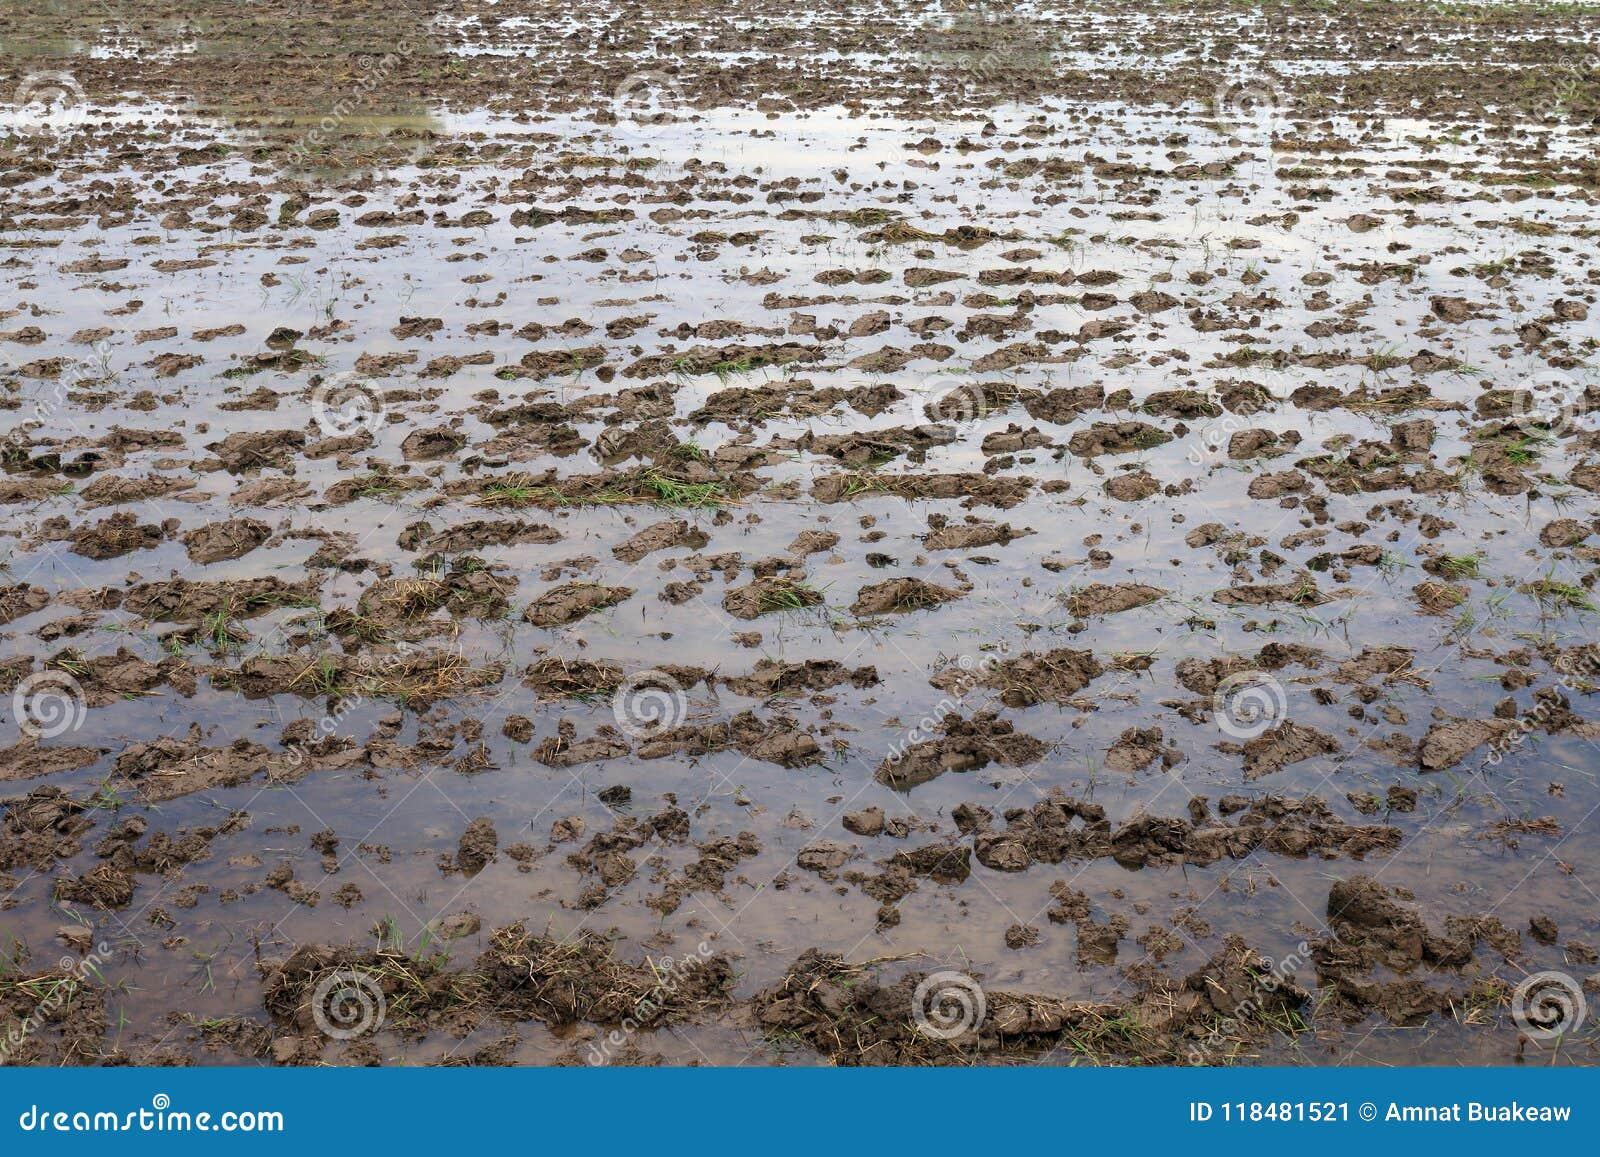 Sol humide de boue pour la culture de riz, agriculture humide de complots au sol se préparant à cultiver la culture de riz, argil